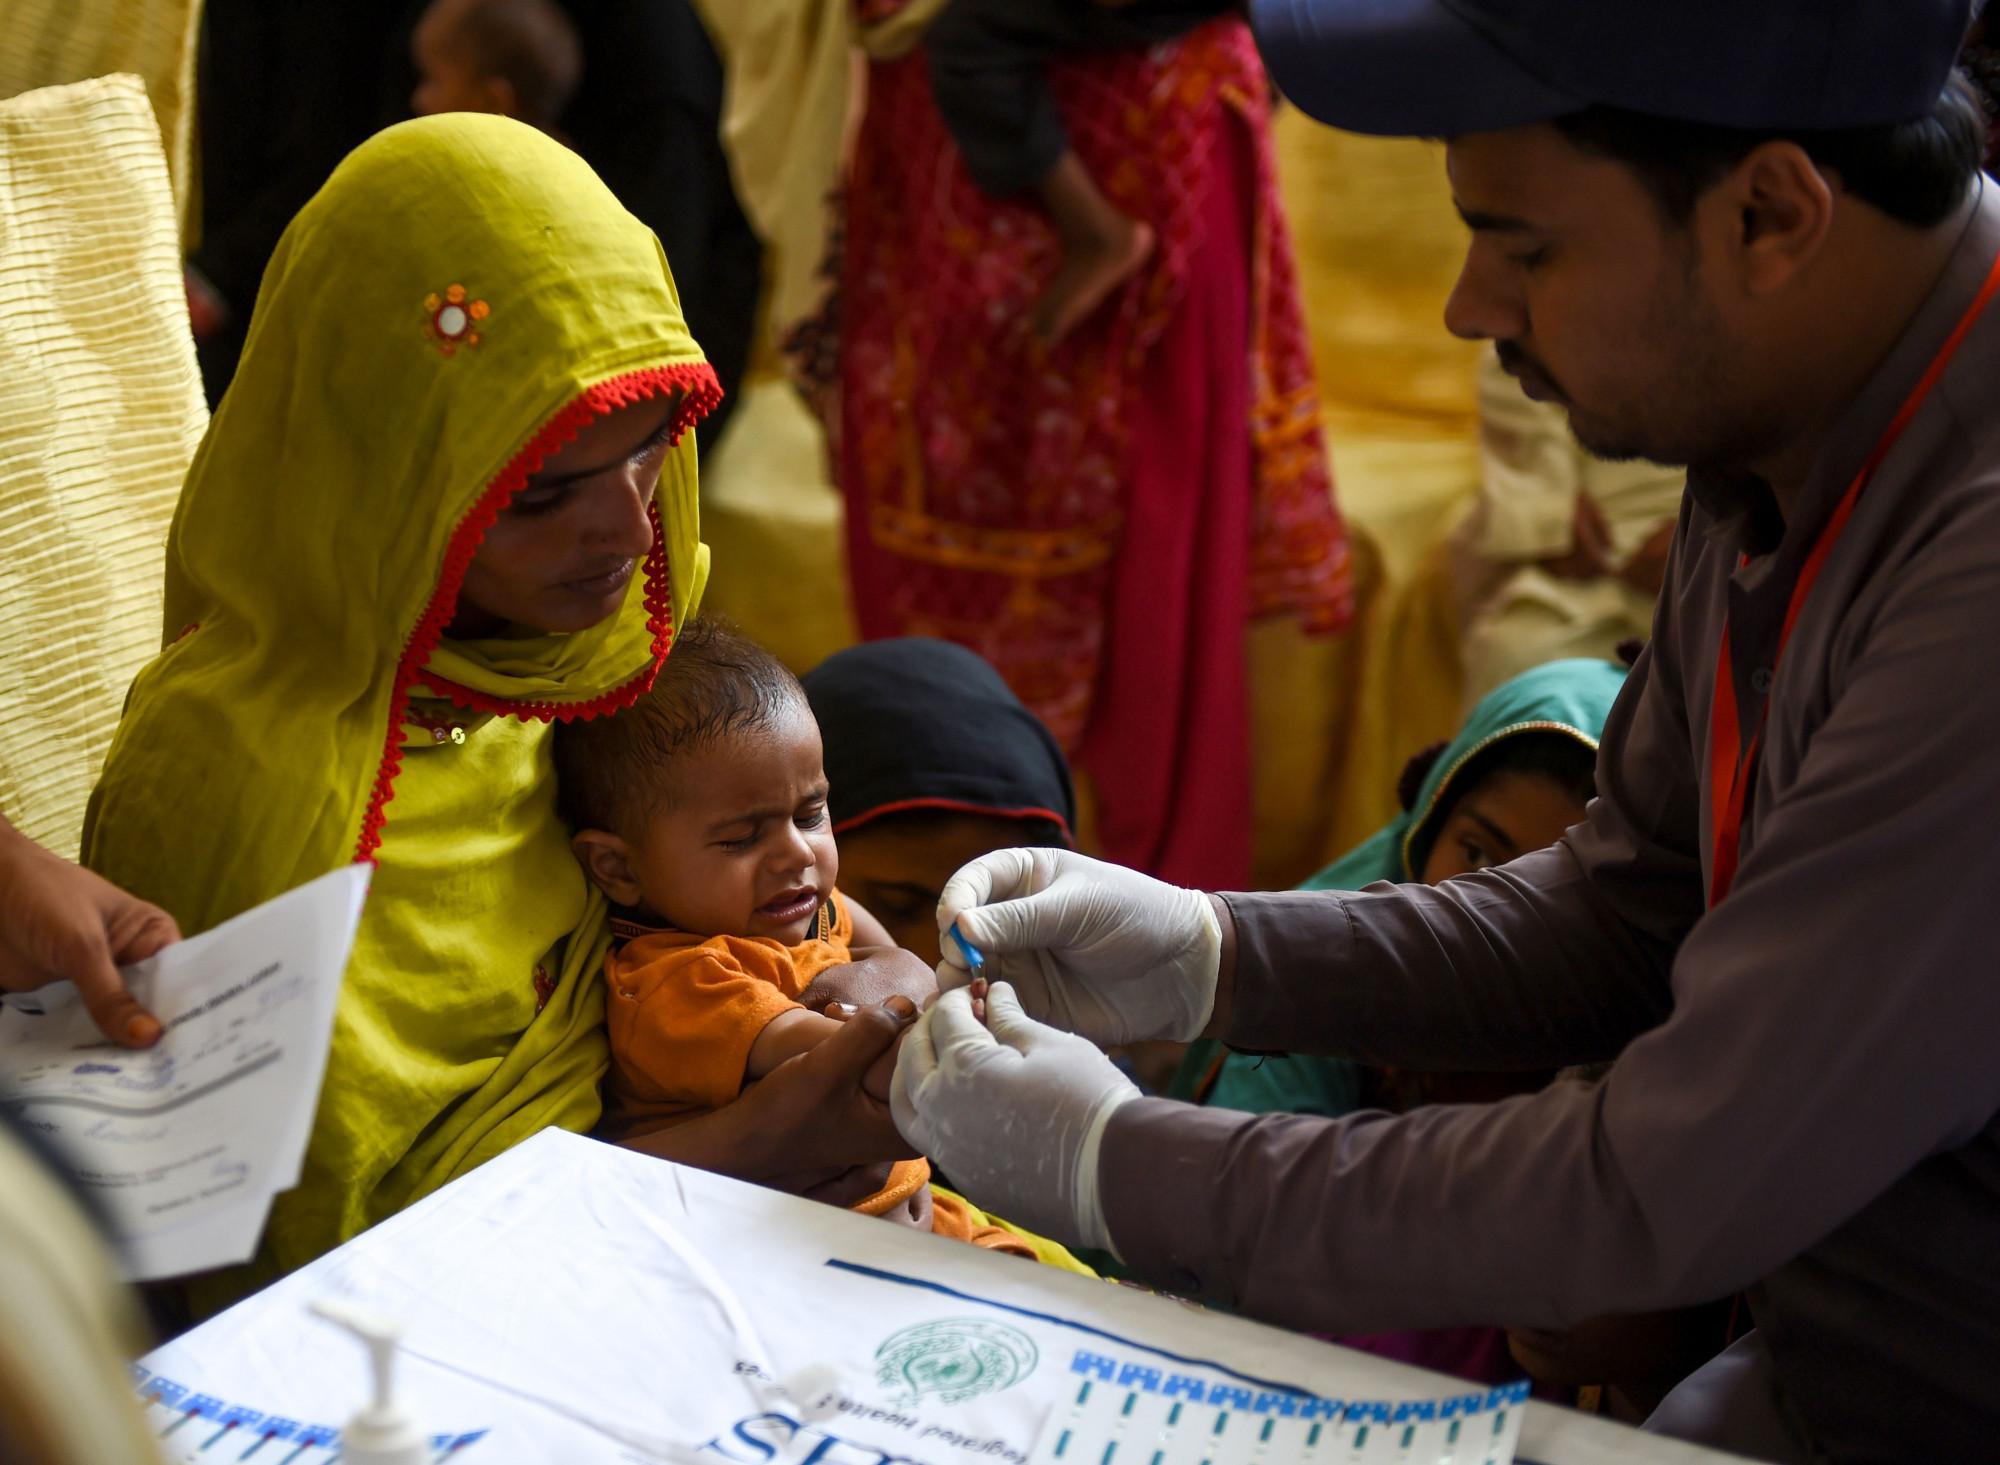 Tái sử dụng kiêm tiêm sai cách khiến Pakistan đối mặt với sự bùng phát HIV ở đối tương trẻ em, thanh thiêu niên